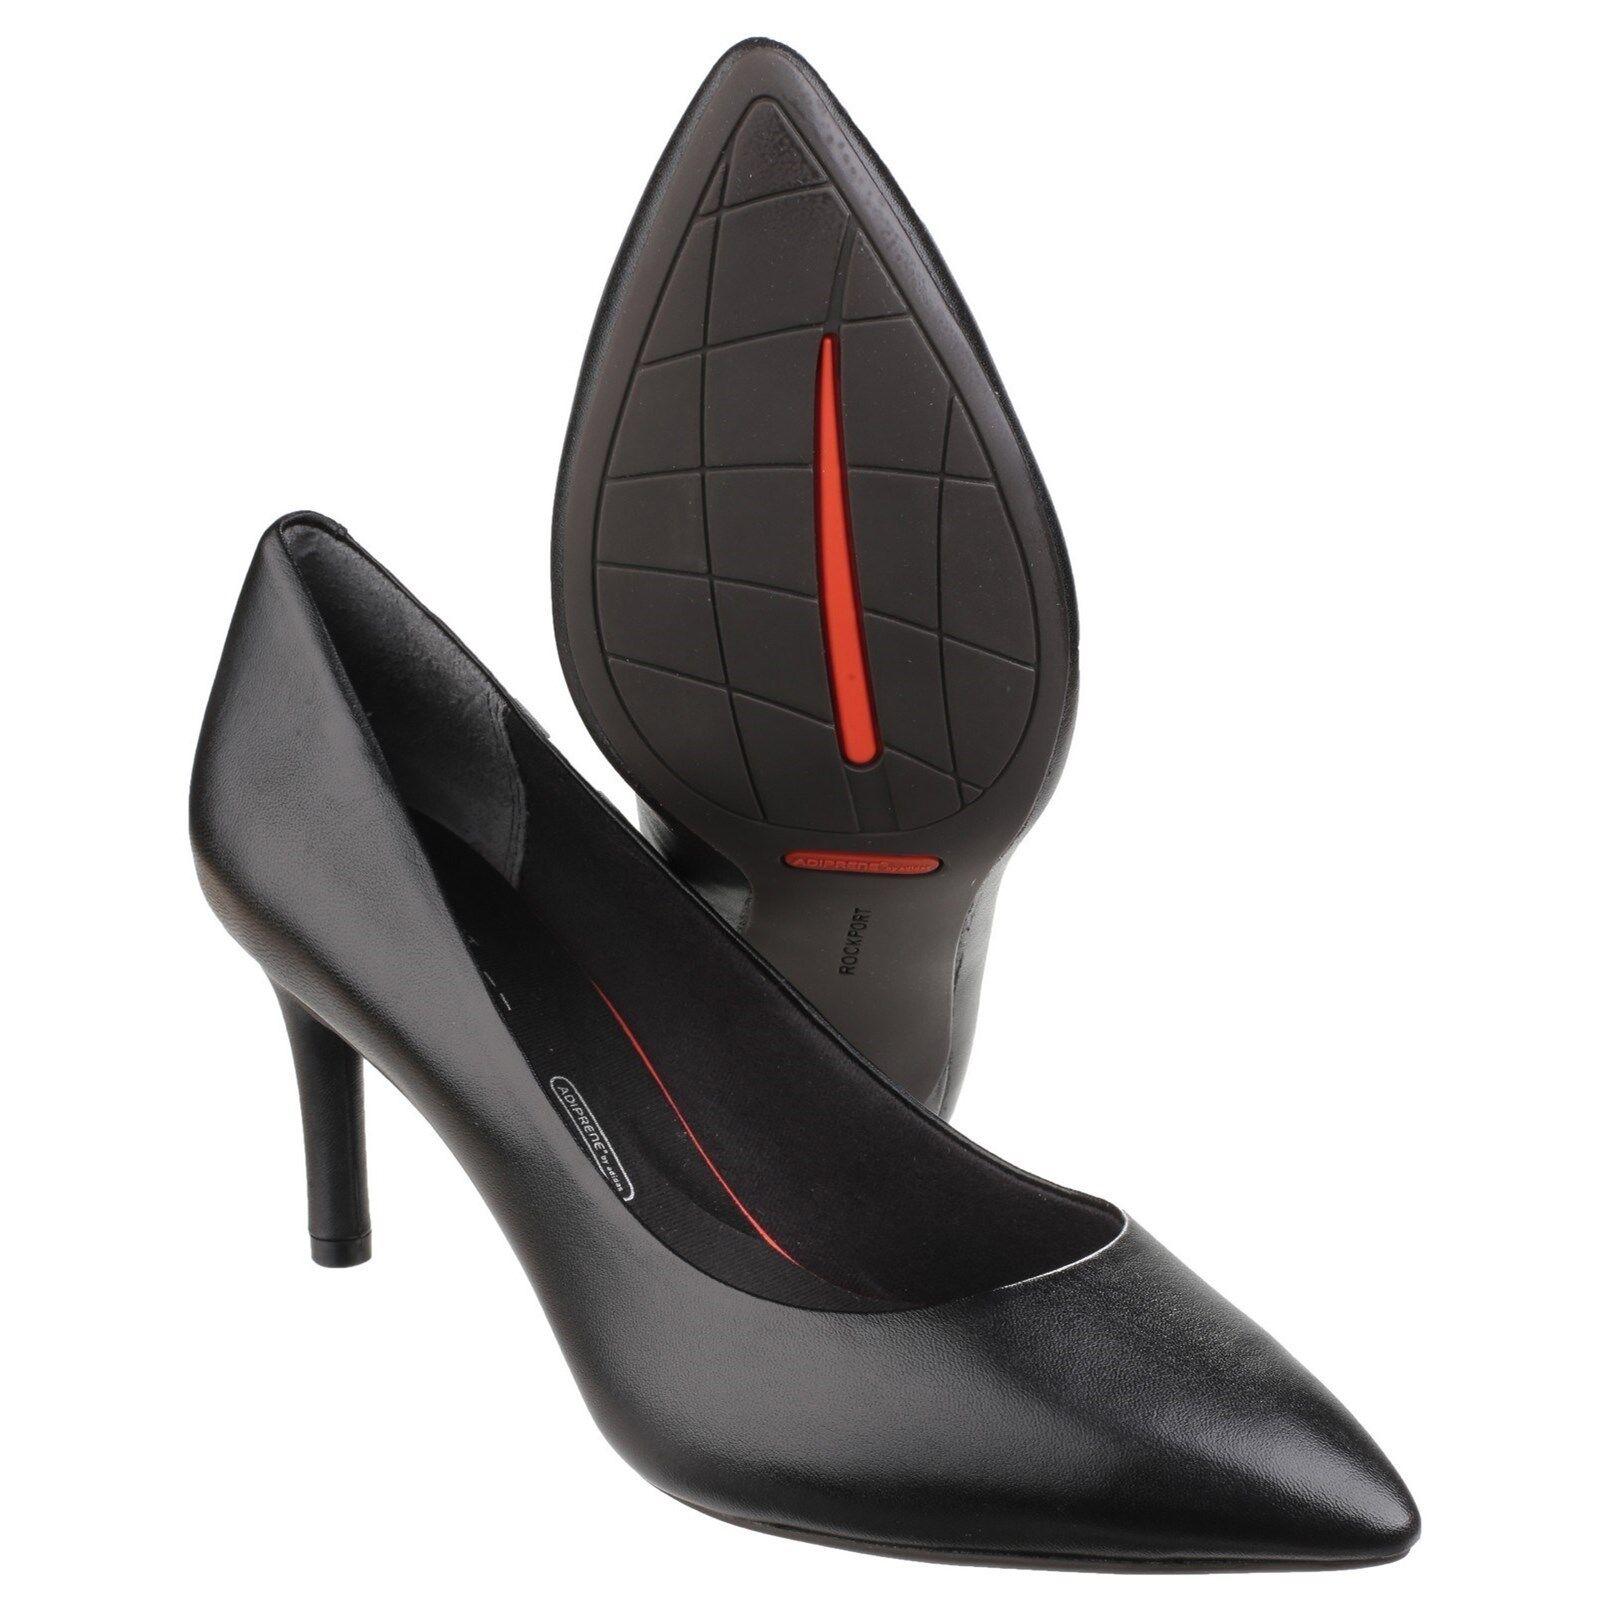 Rockport Total Motion Punto Zapatos Zapatos Zapatos Puntera Charol Tacón Aguja Mujer de Salón  lo último